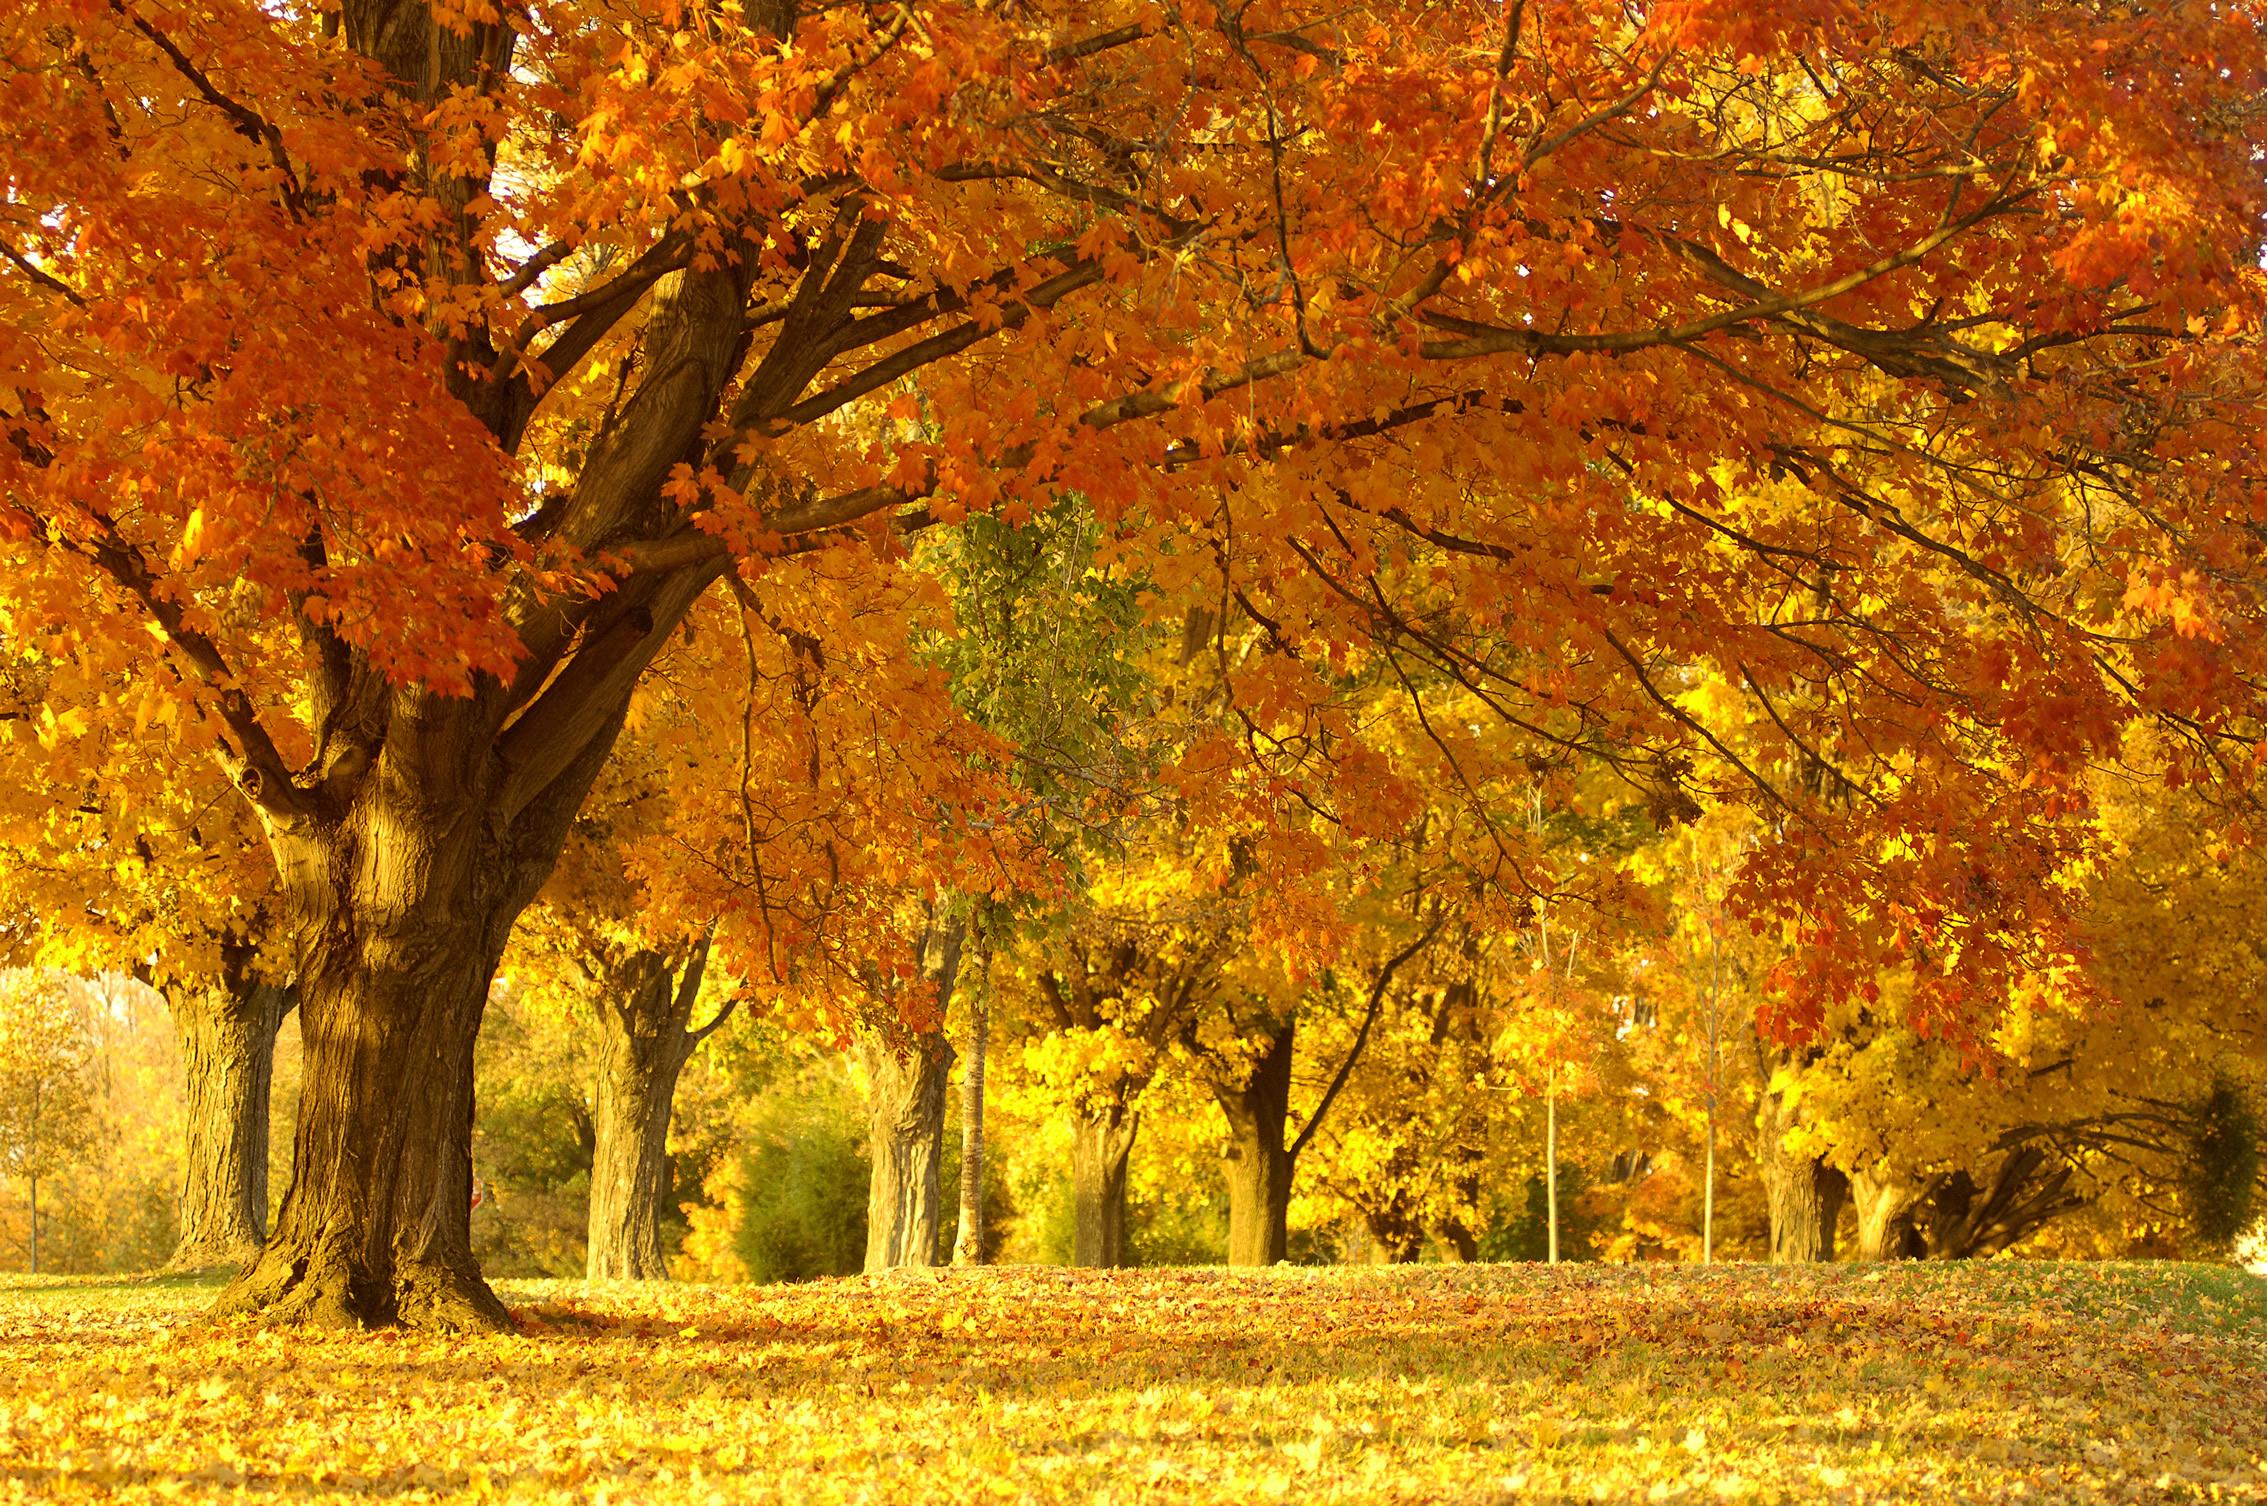 yellow autumn wallpaper, скачать фото, осень, обои на рабочий стол, желтые листья, листопад